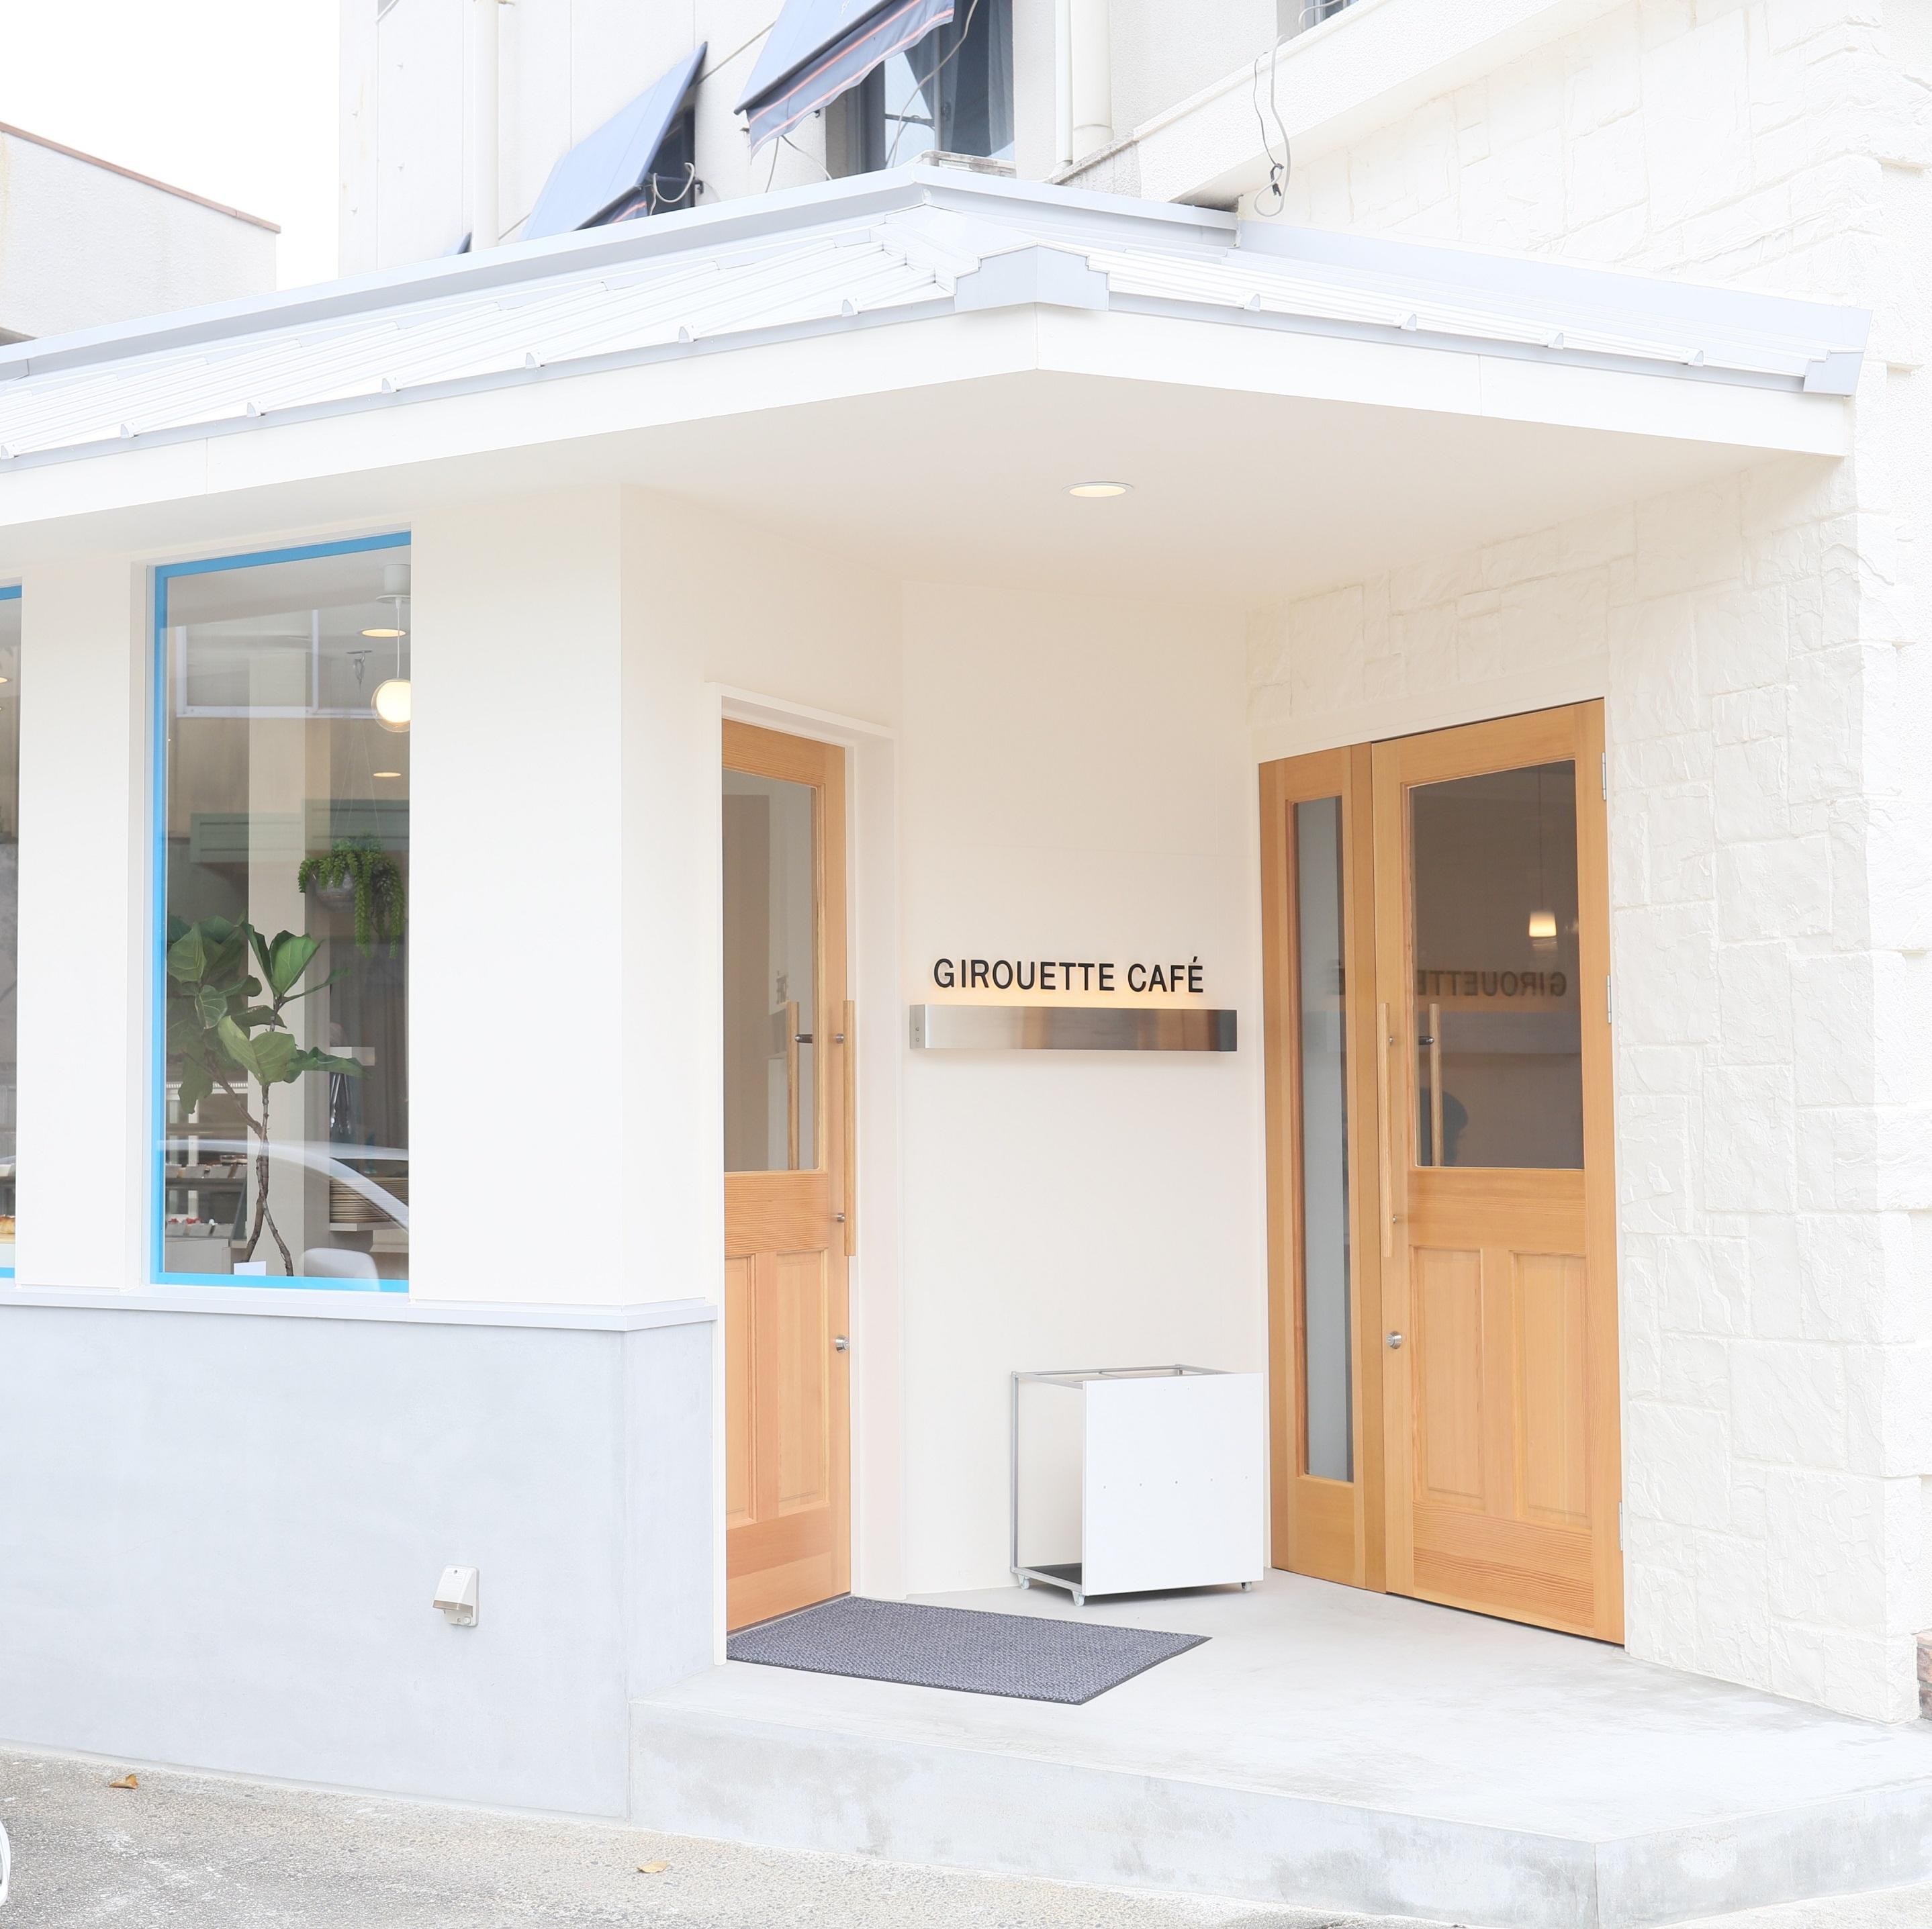 名古屋市・千種区にオープンした「ジルエットカフェ」に行ってきました